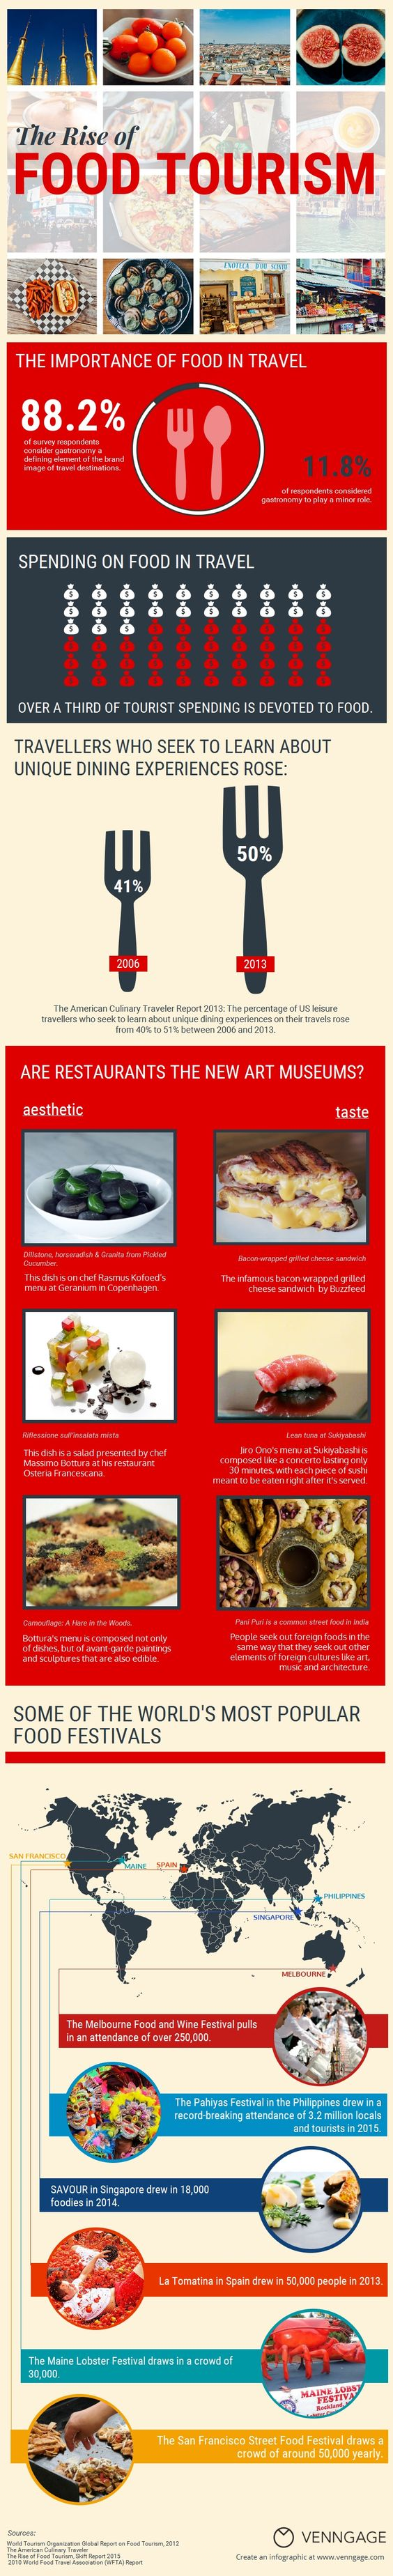 turismo gastronomico trend